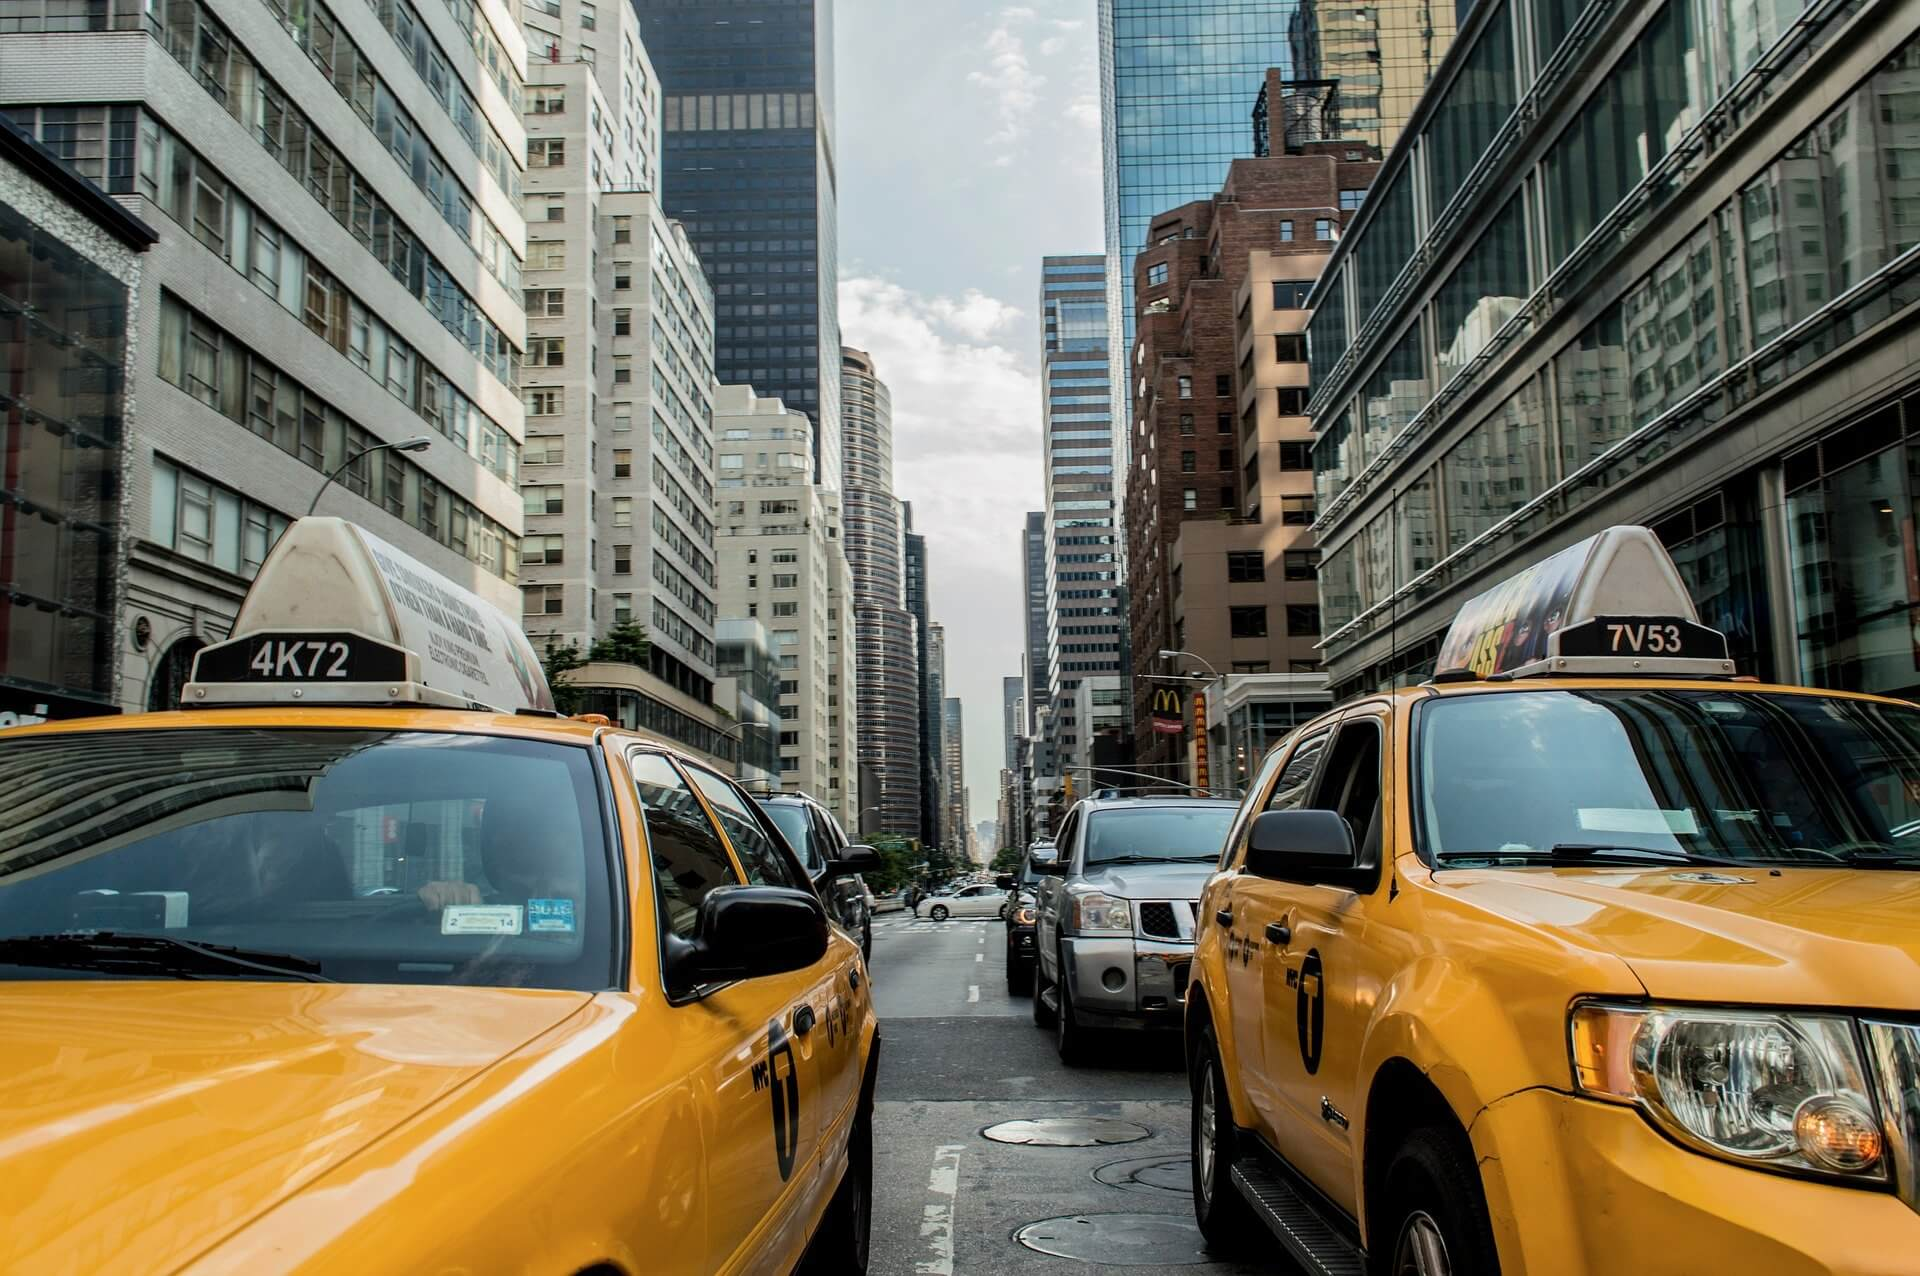 taxi-381233_1920 (3)